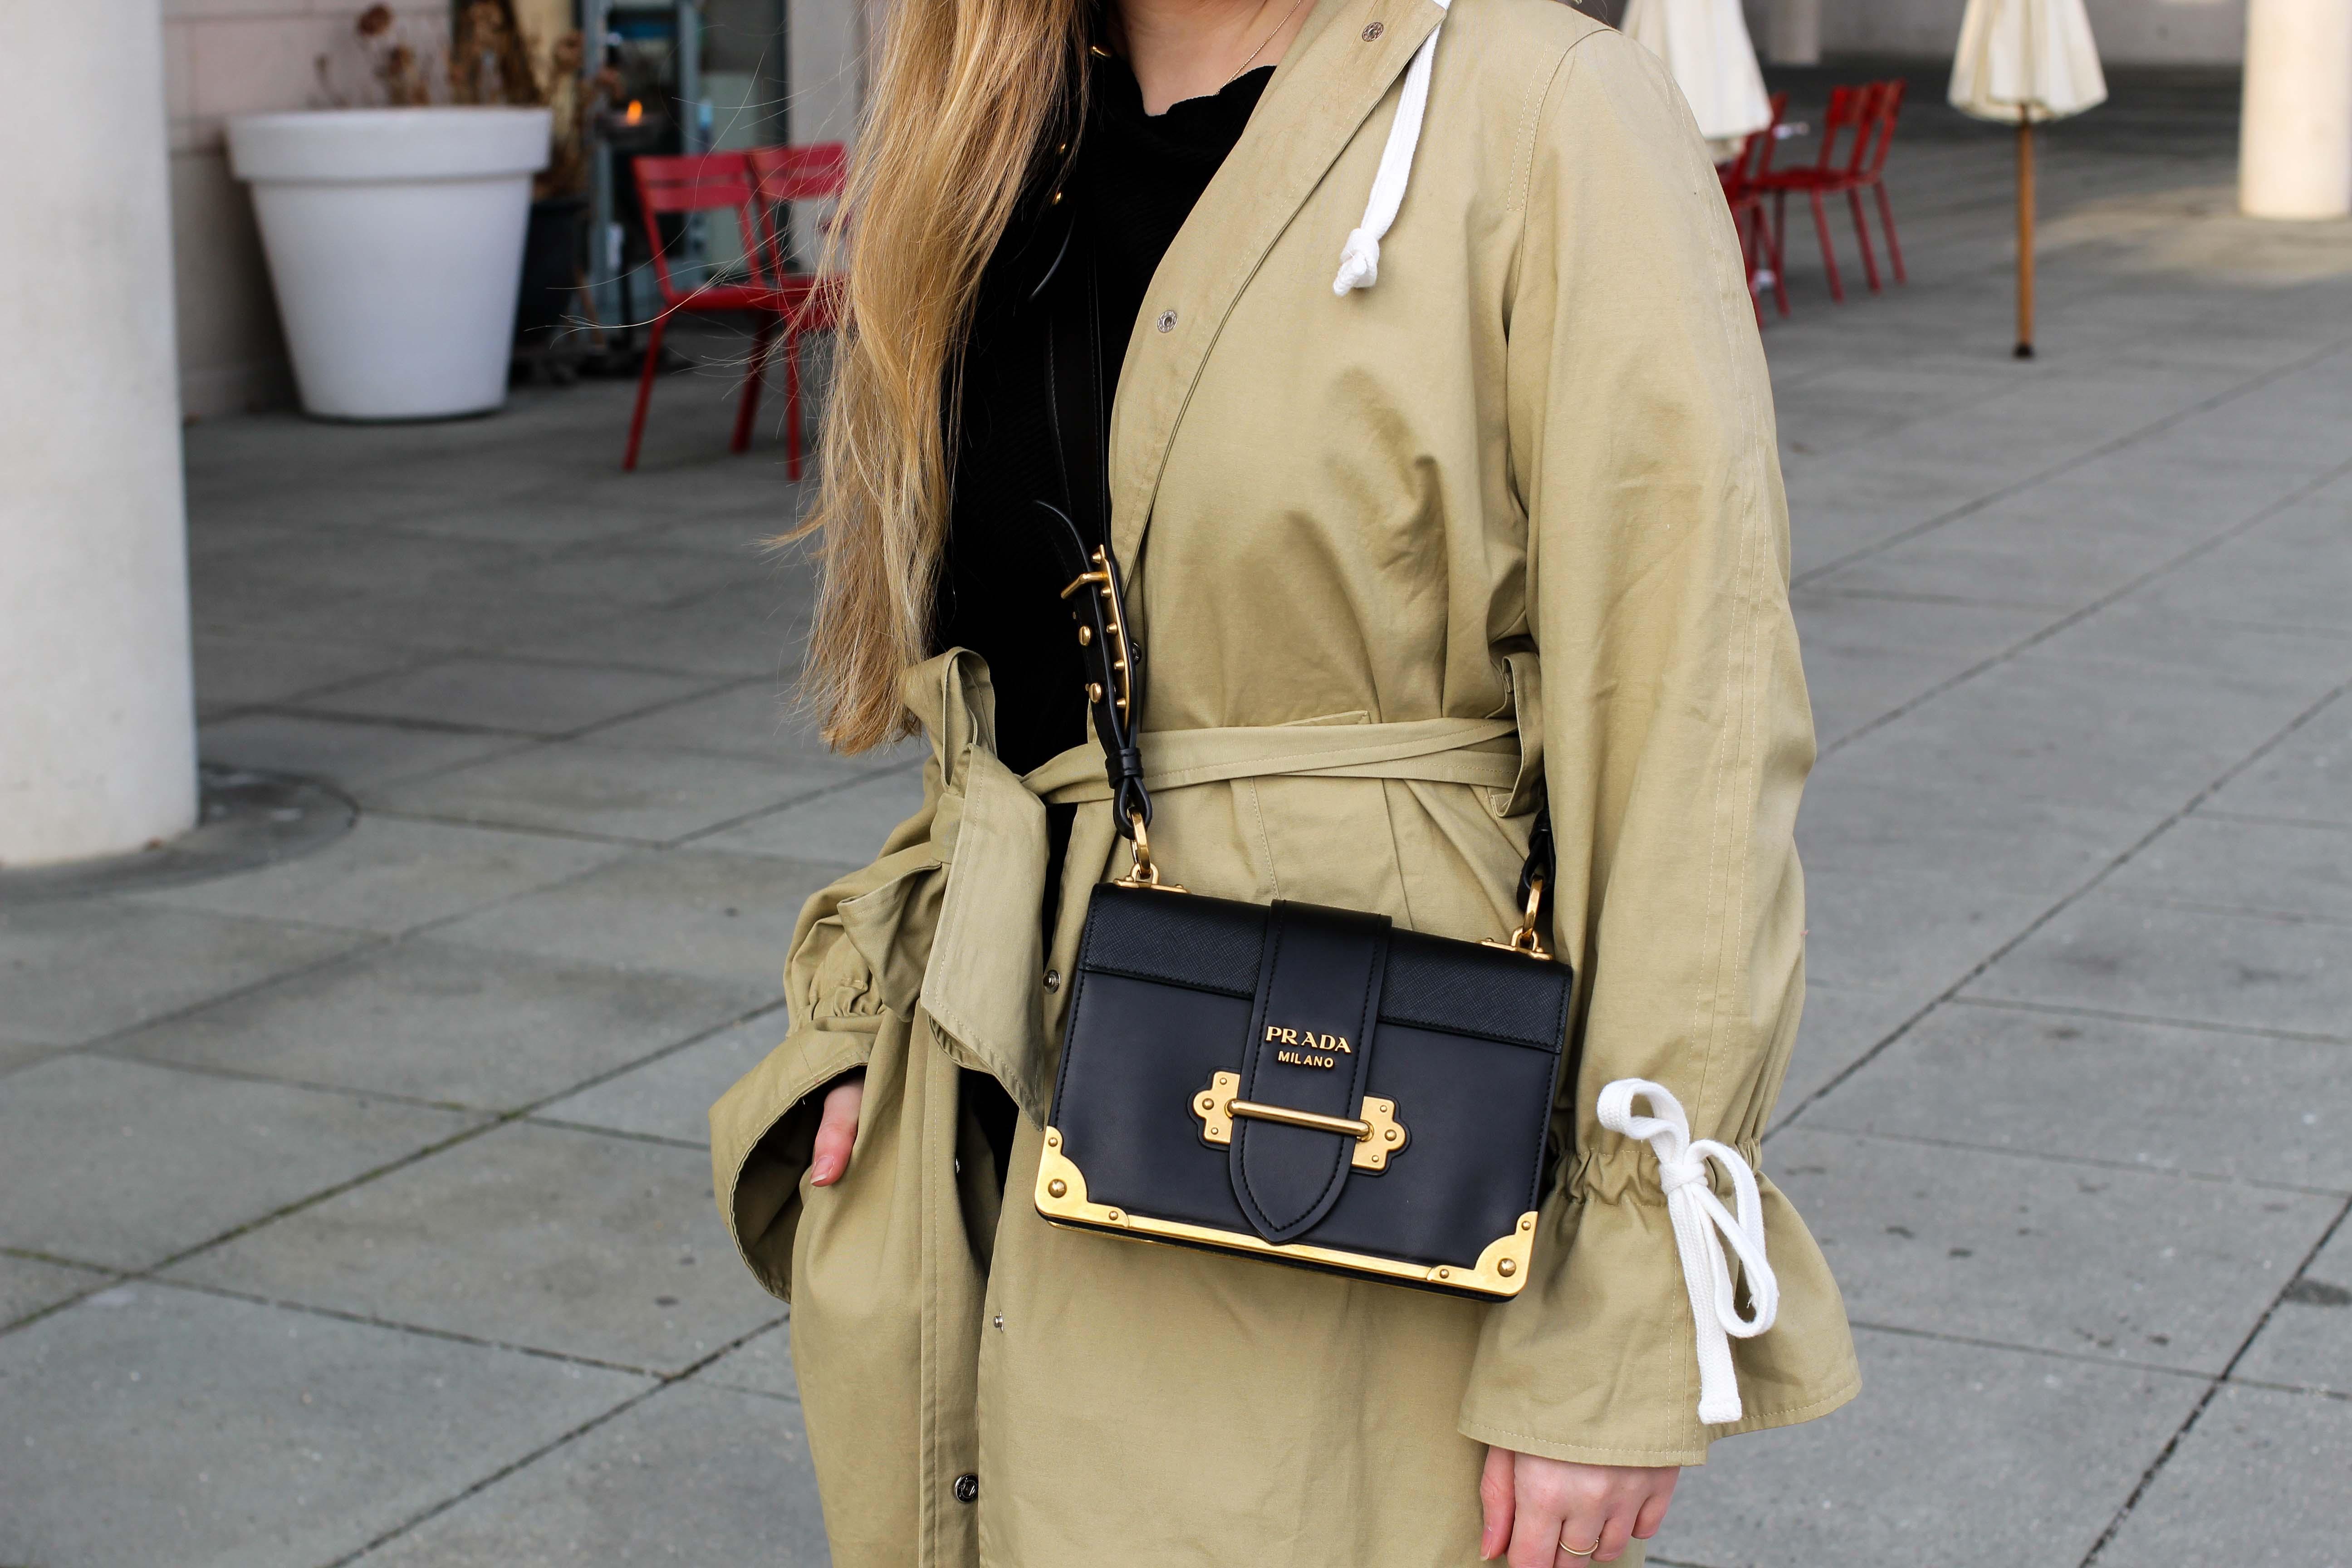 Trenchcoat Edited Marisa Prada Cahier bag Schnürboots Zara Modeblog Bonn Trenchcoat kombinieren Streetstyle 3